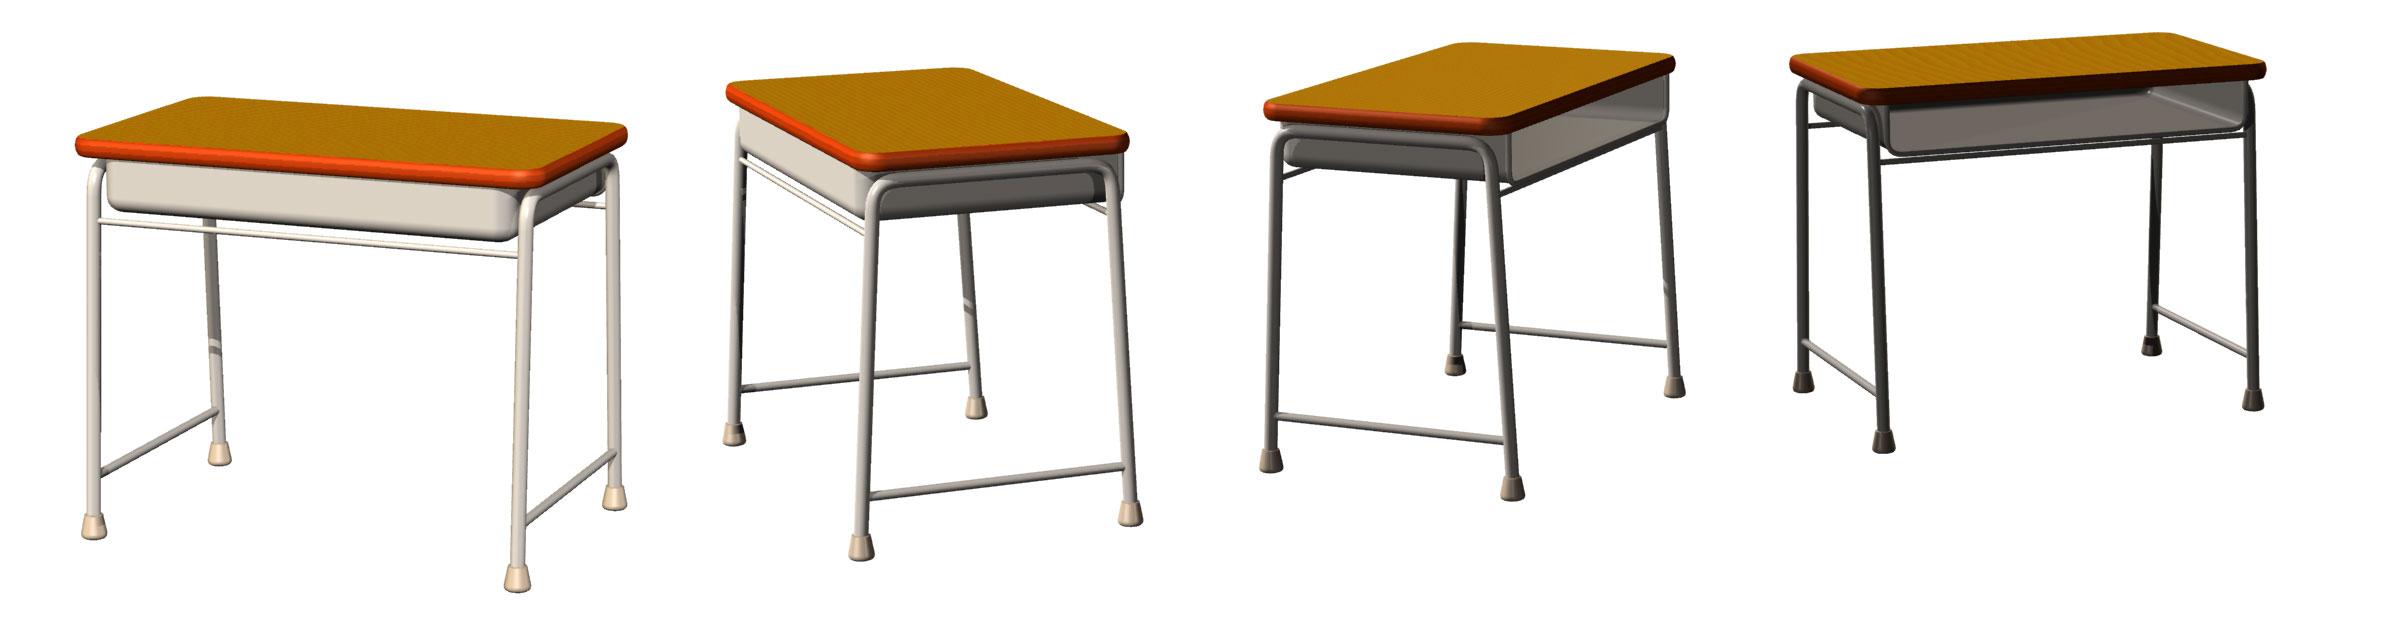 学校の机と椅子 地獄のけだまゾーン